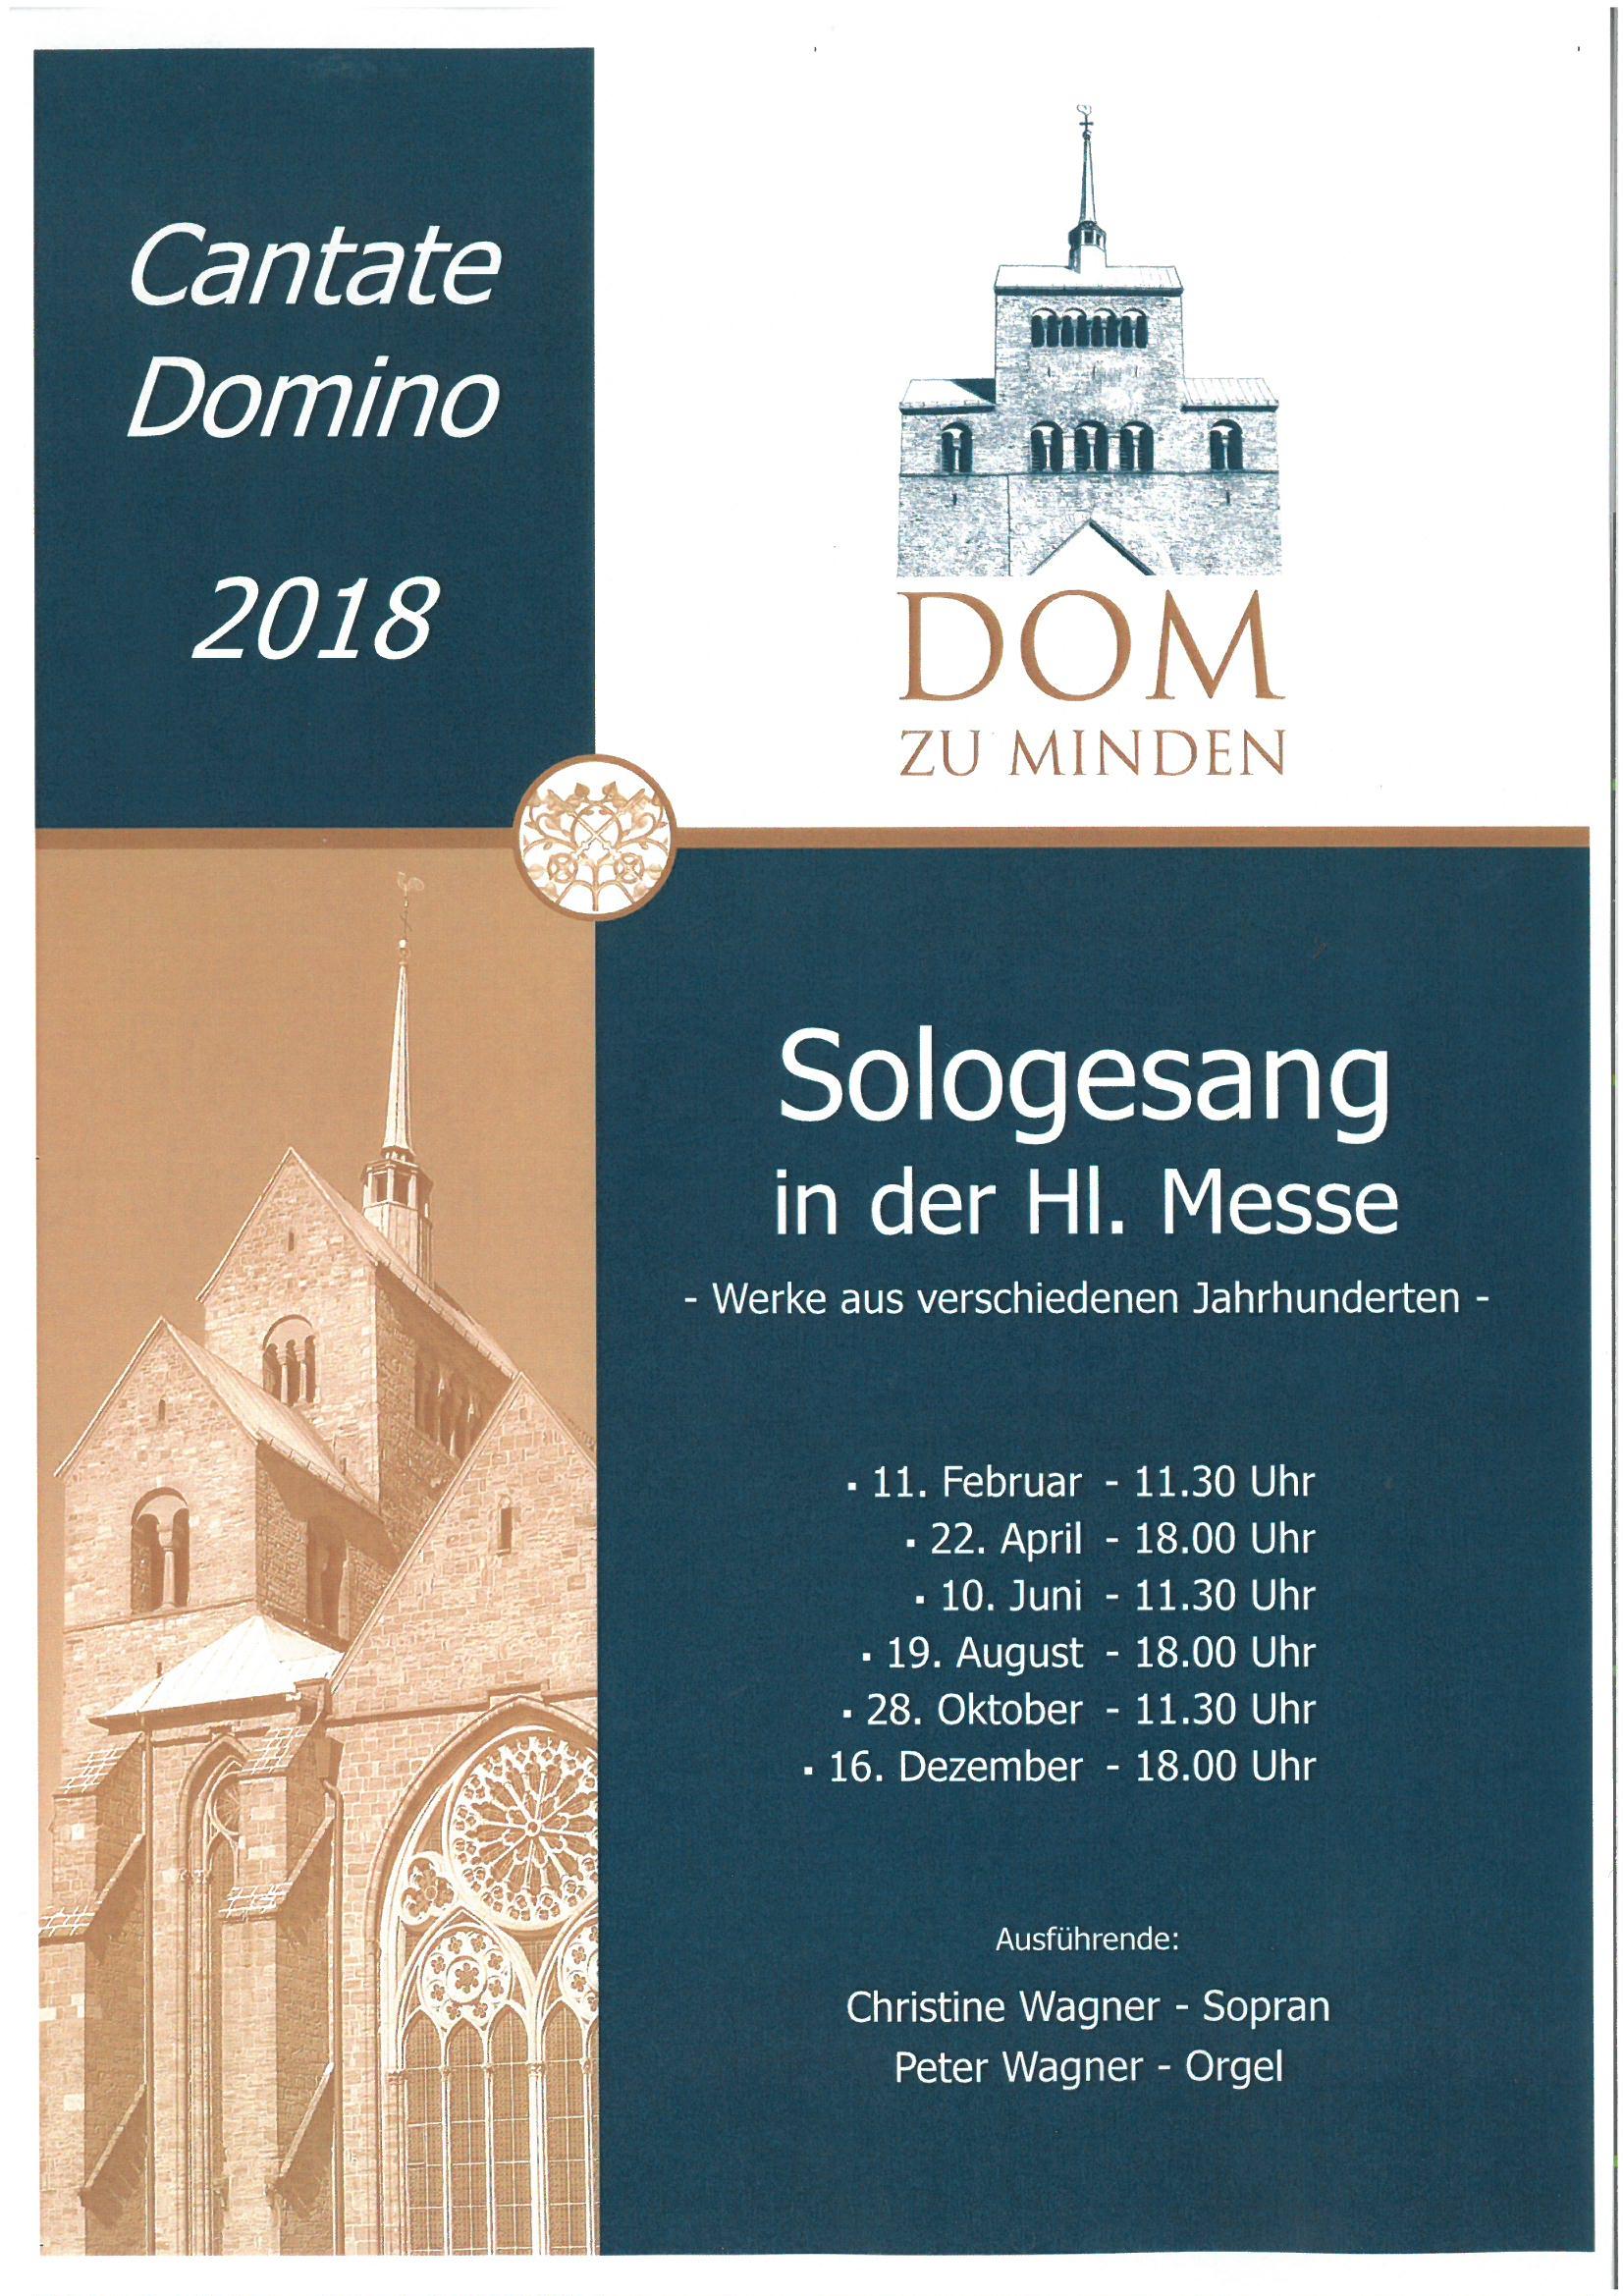 Cantate Domino 2018